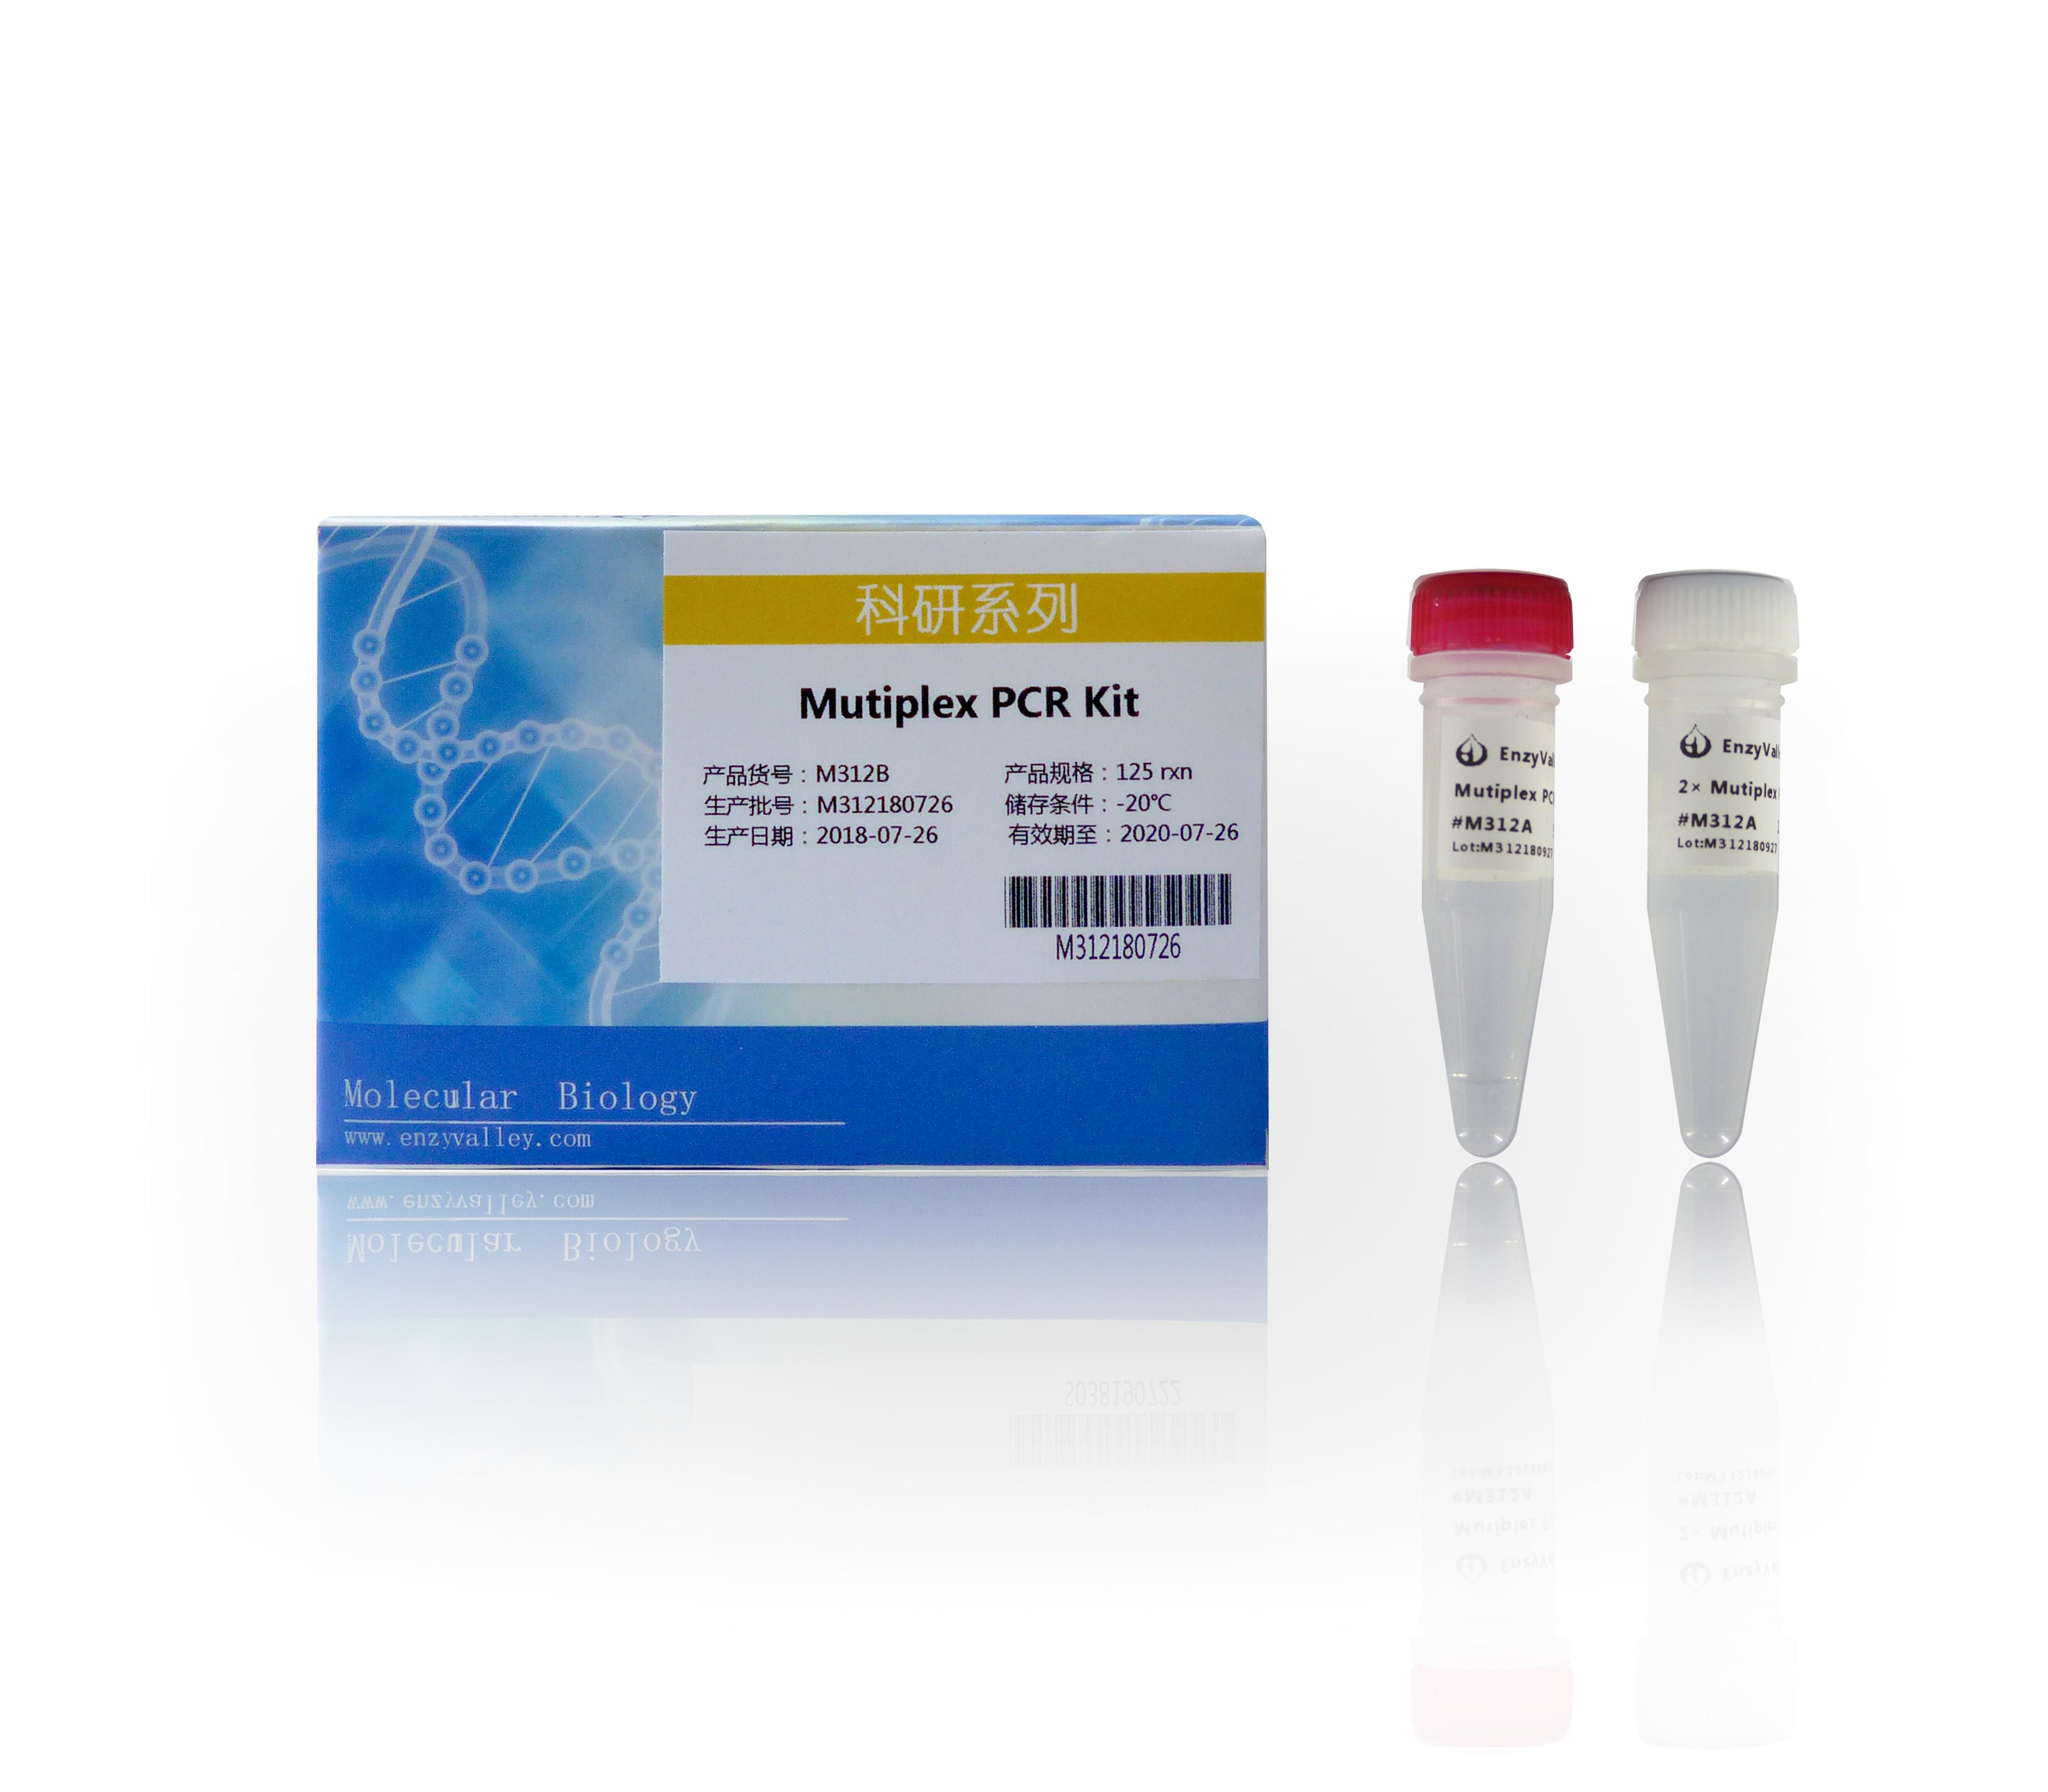 多重PCR試劑盒:Mutiplex PCR Kit